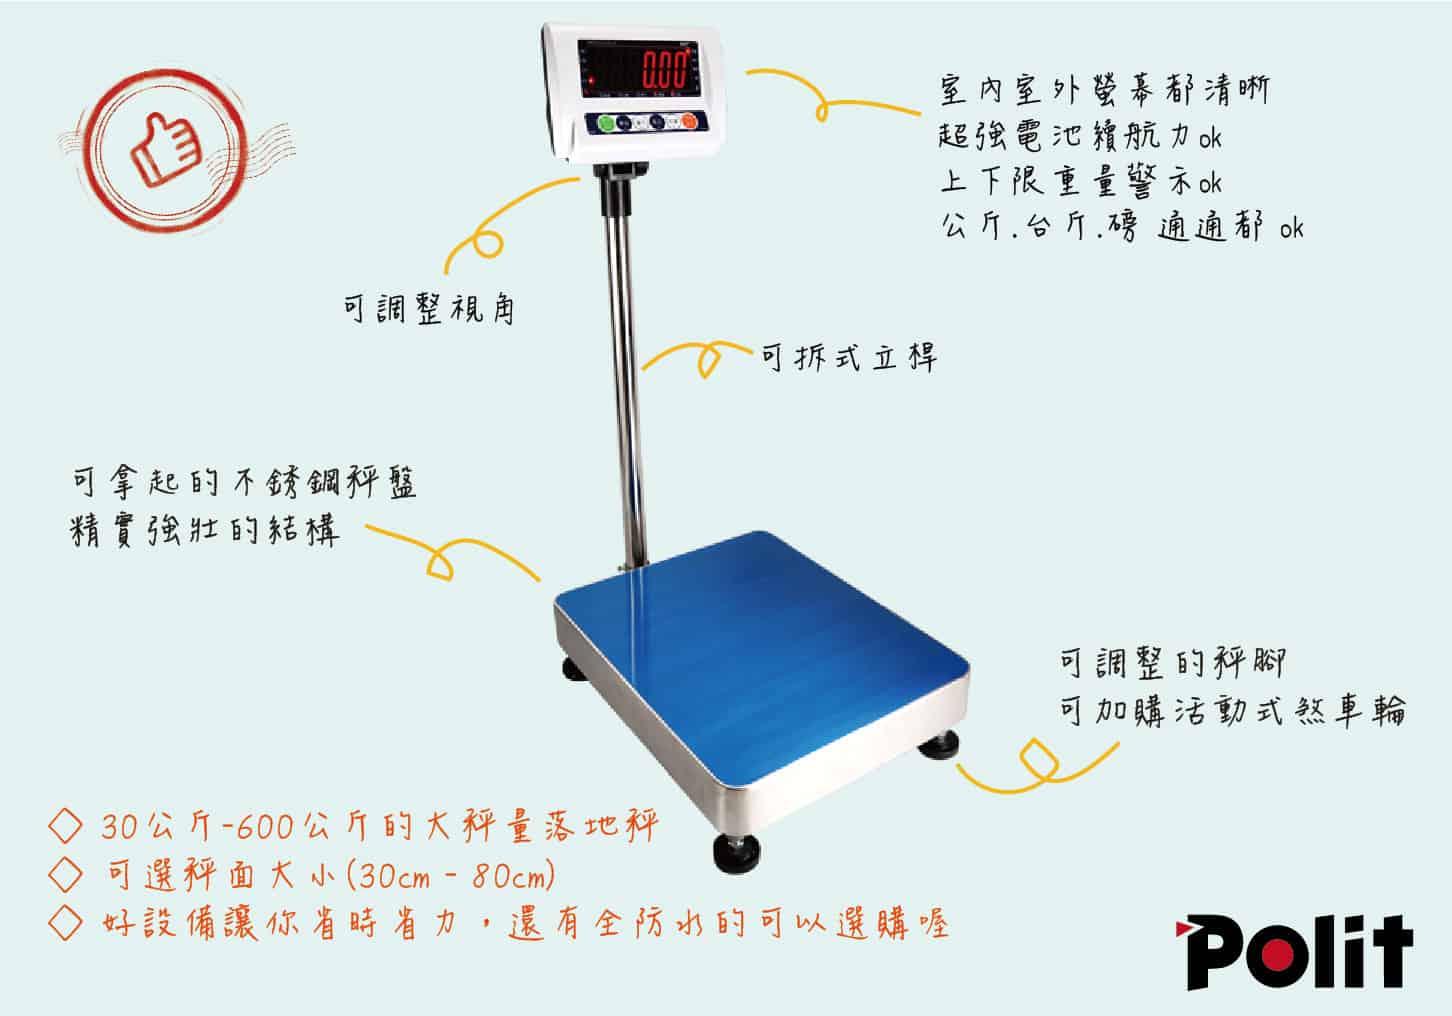 台秤介紹圖 | 沛禮國際 Polit 電子秤專賣